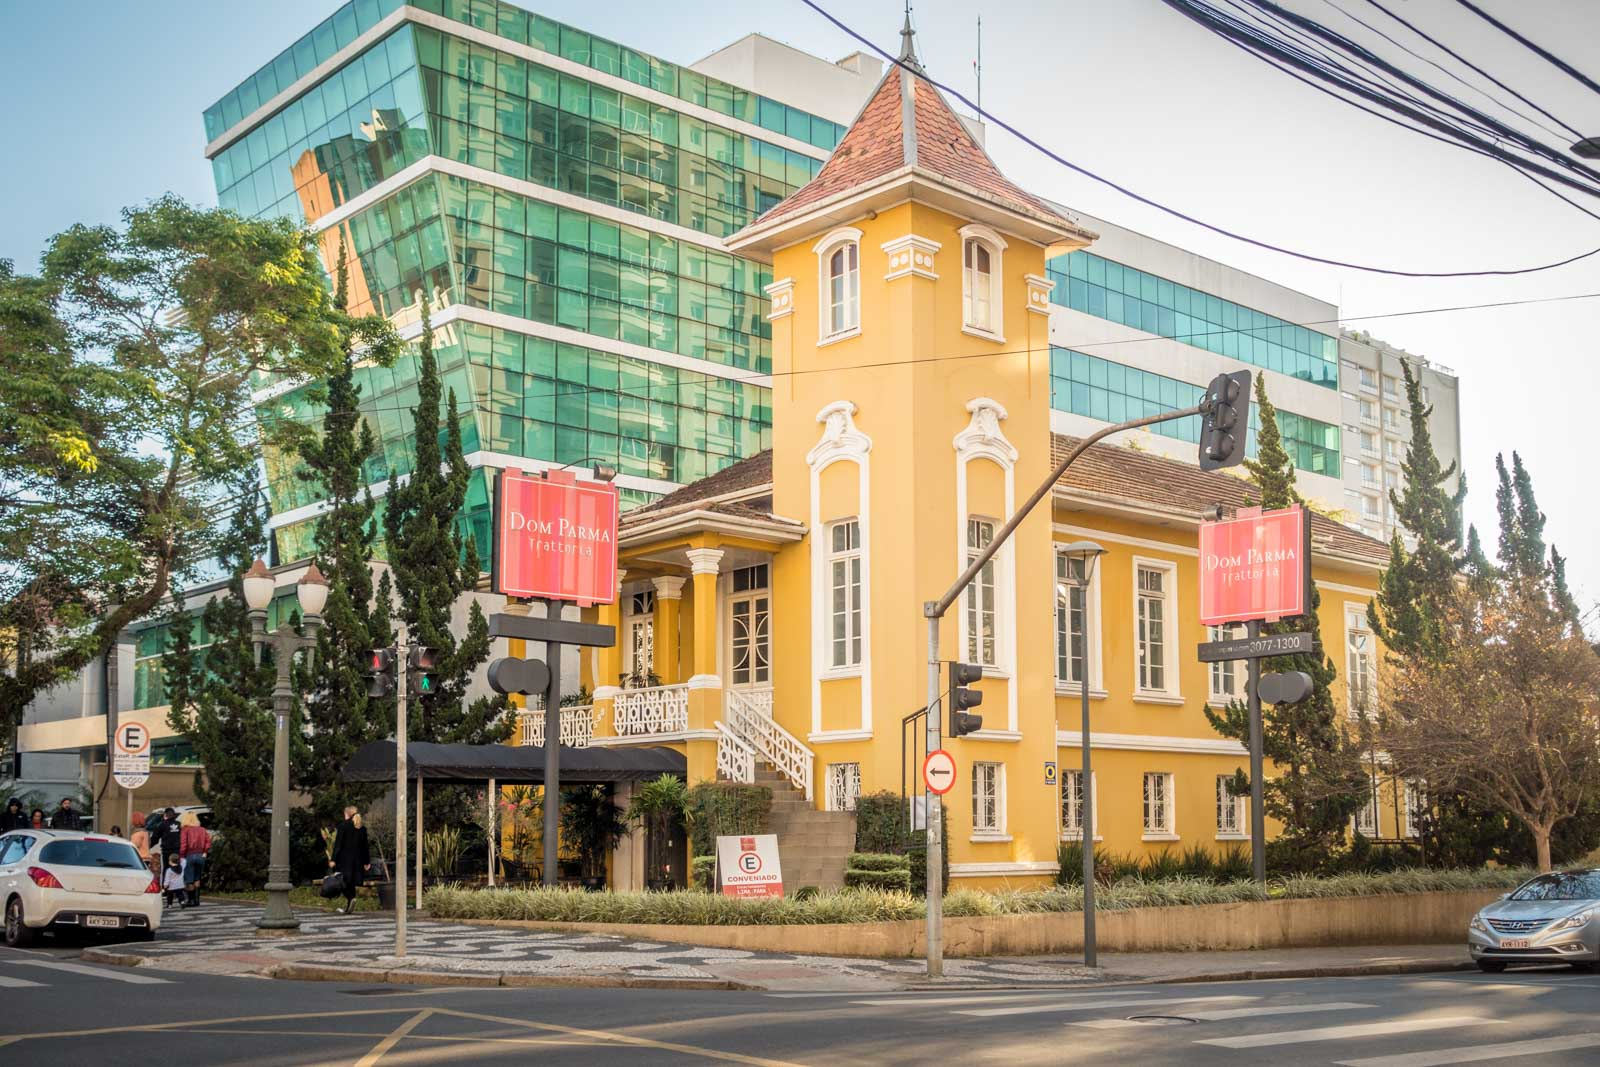 Fotografando Curitiba  Comendador Araújo 598 e768973359